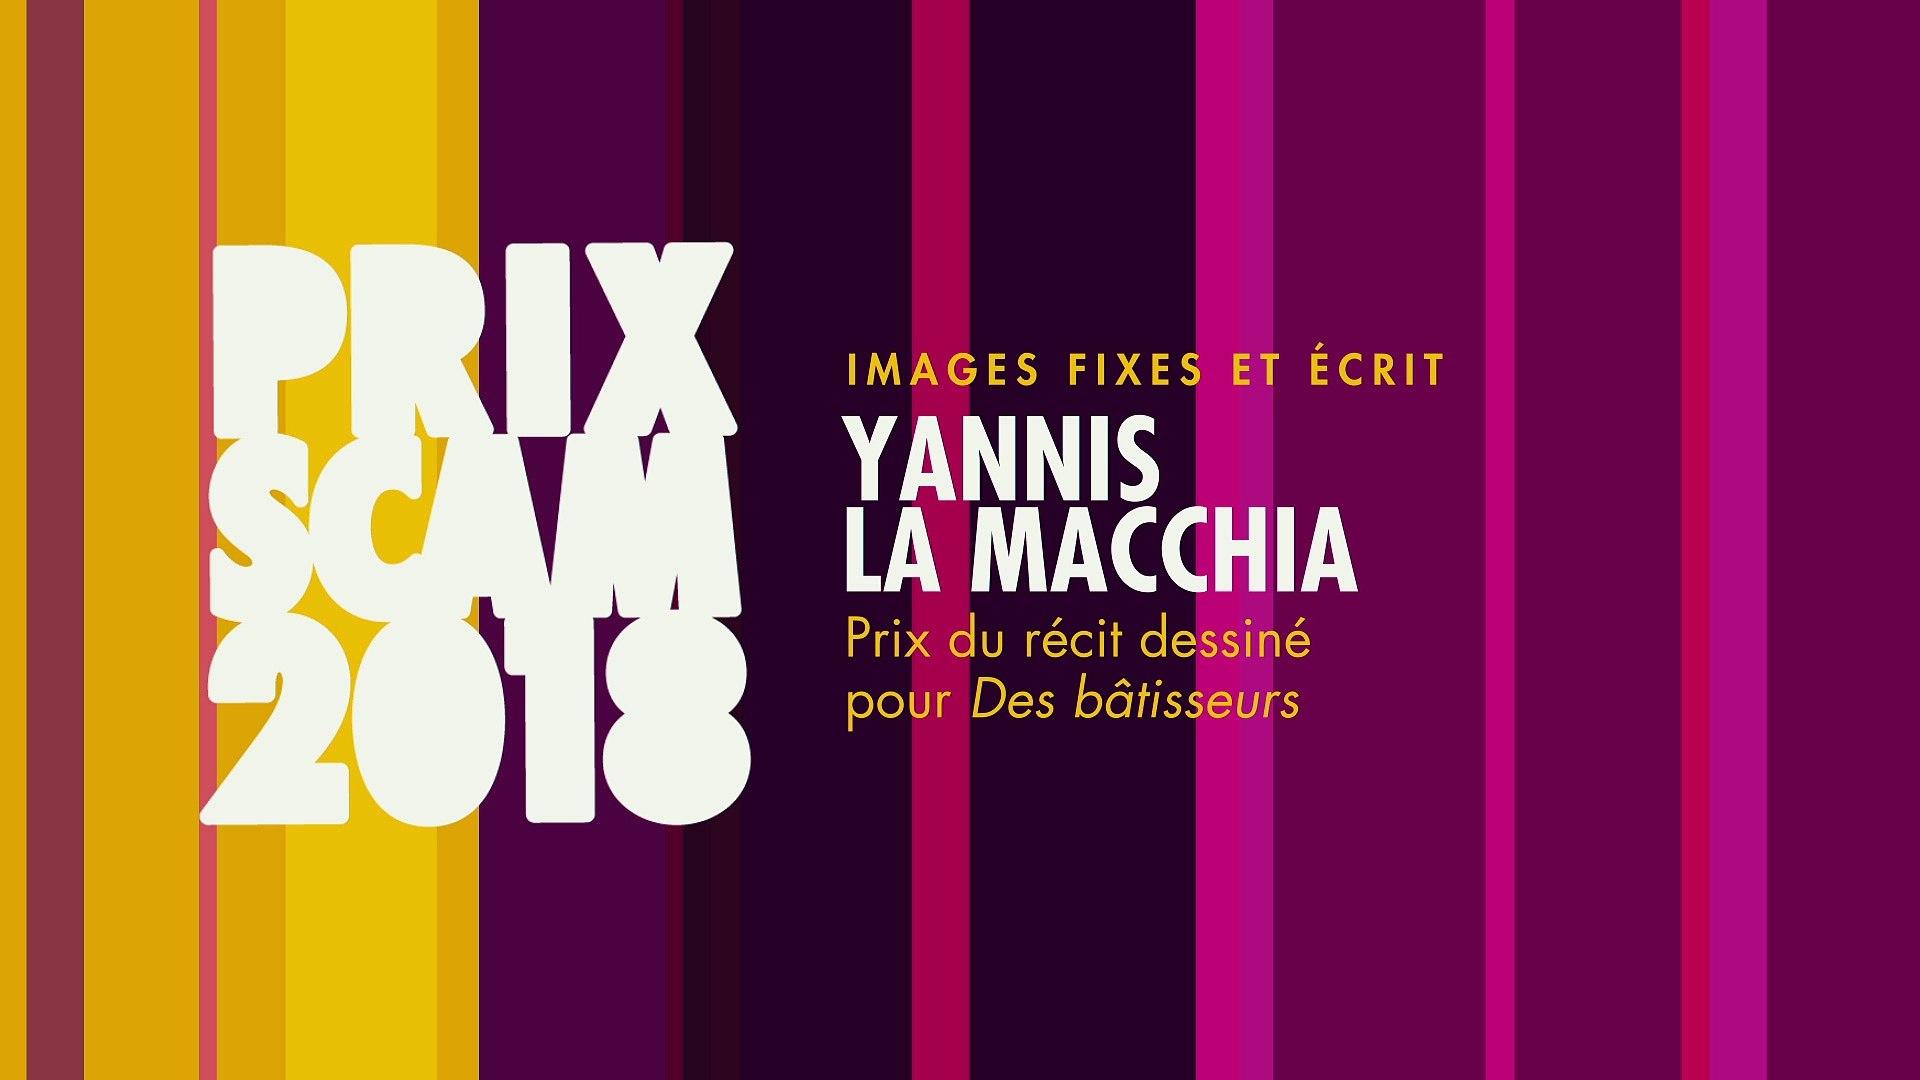 Prix du récit dessiné 2018 : Yannis La Macchia